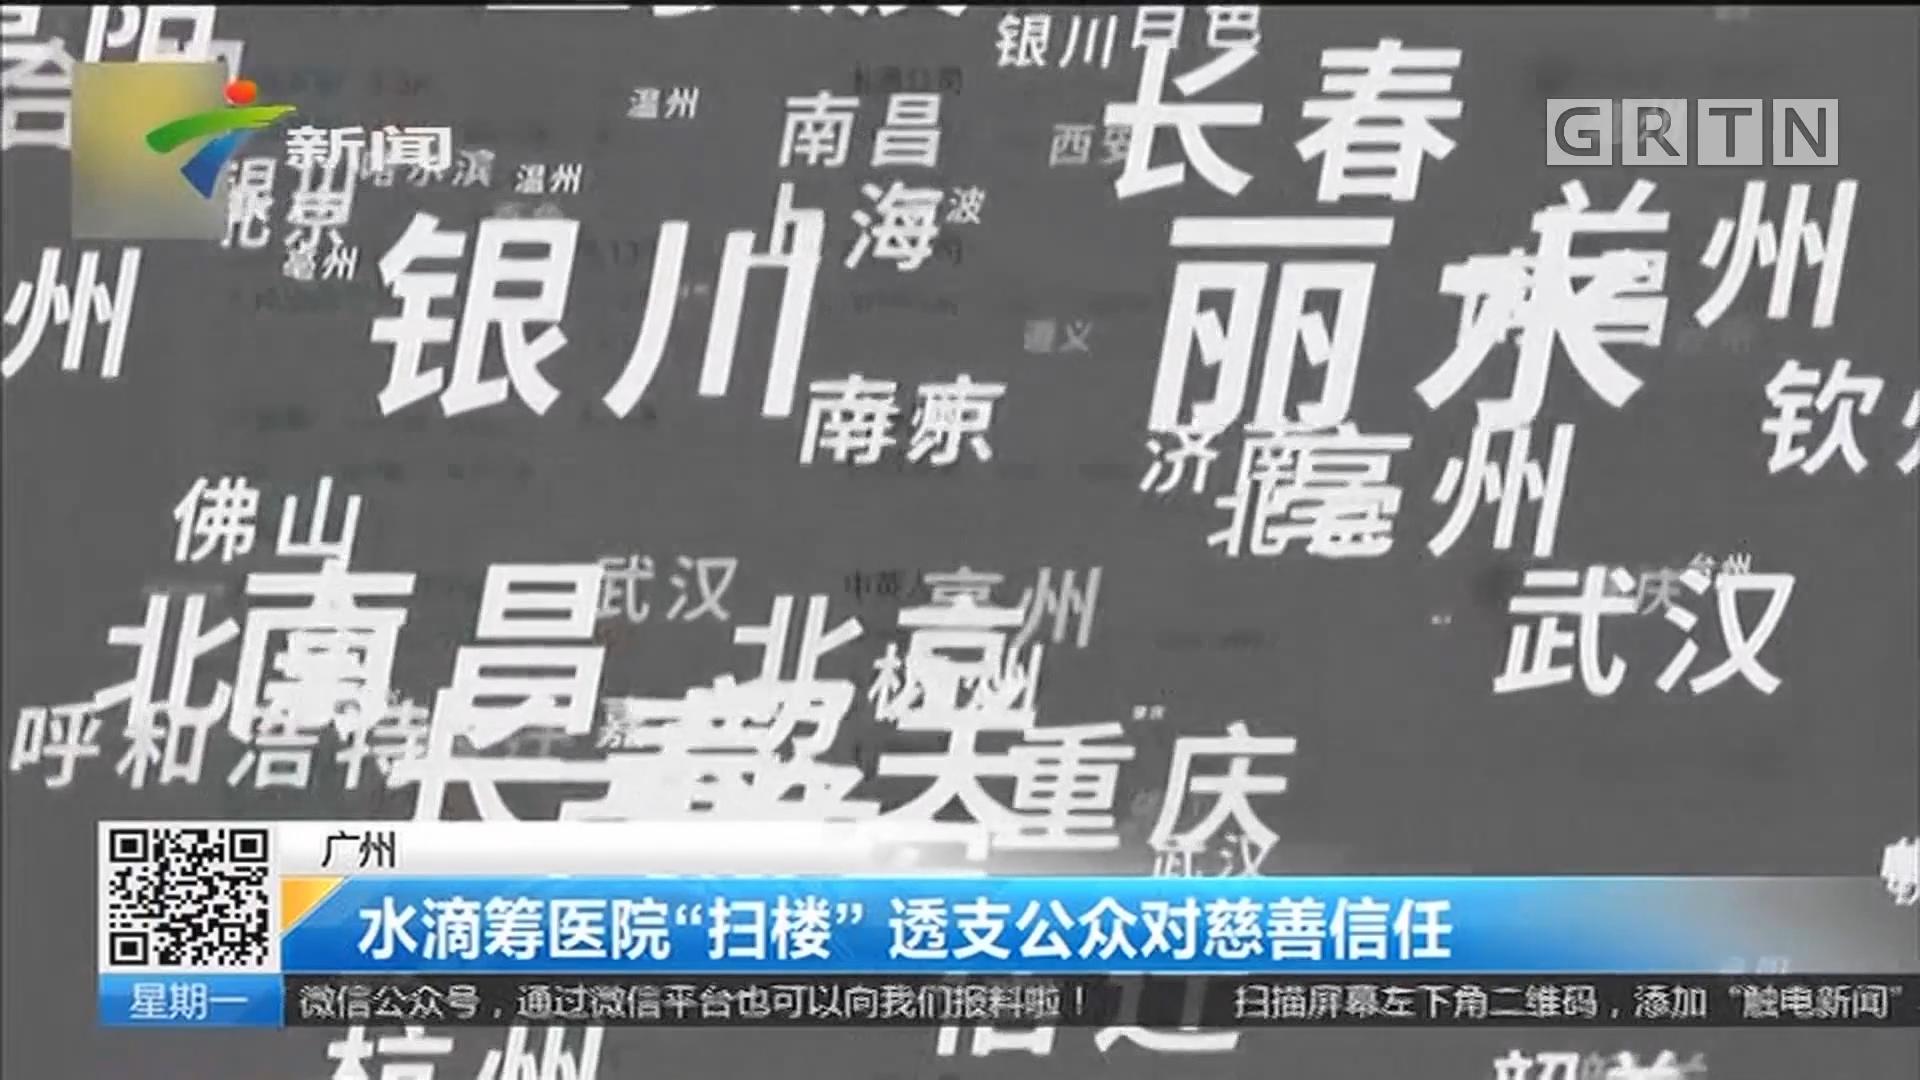 """广州:水滴筹医院""""扫楼"""" 透支公众对慈善信任"""